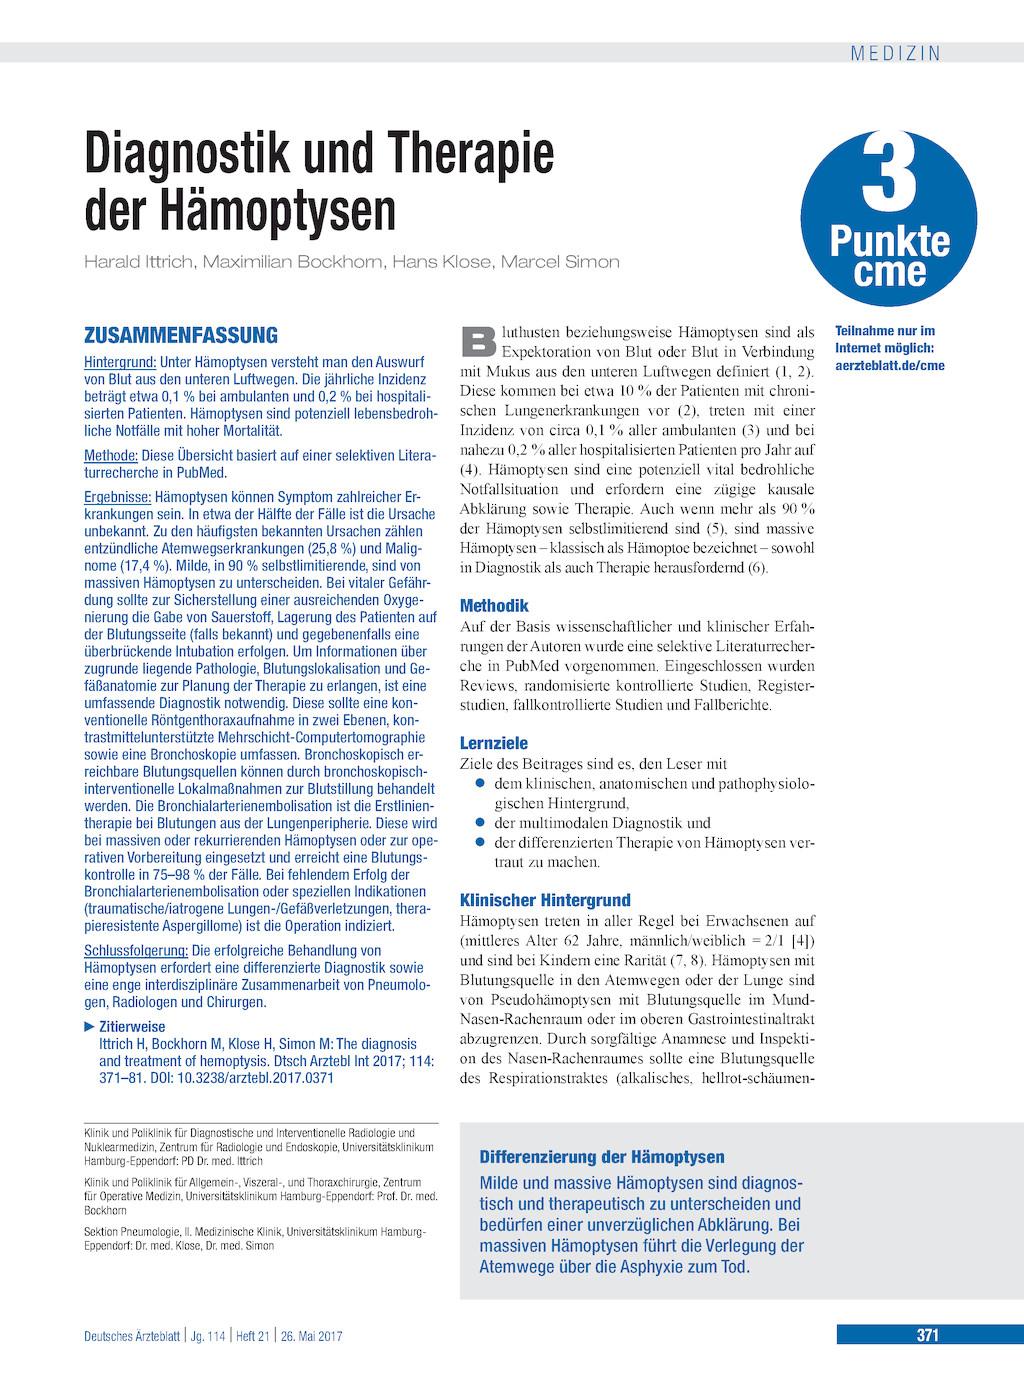 Diagnostik und Therapie der Hämoptysen